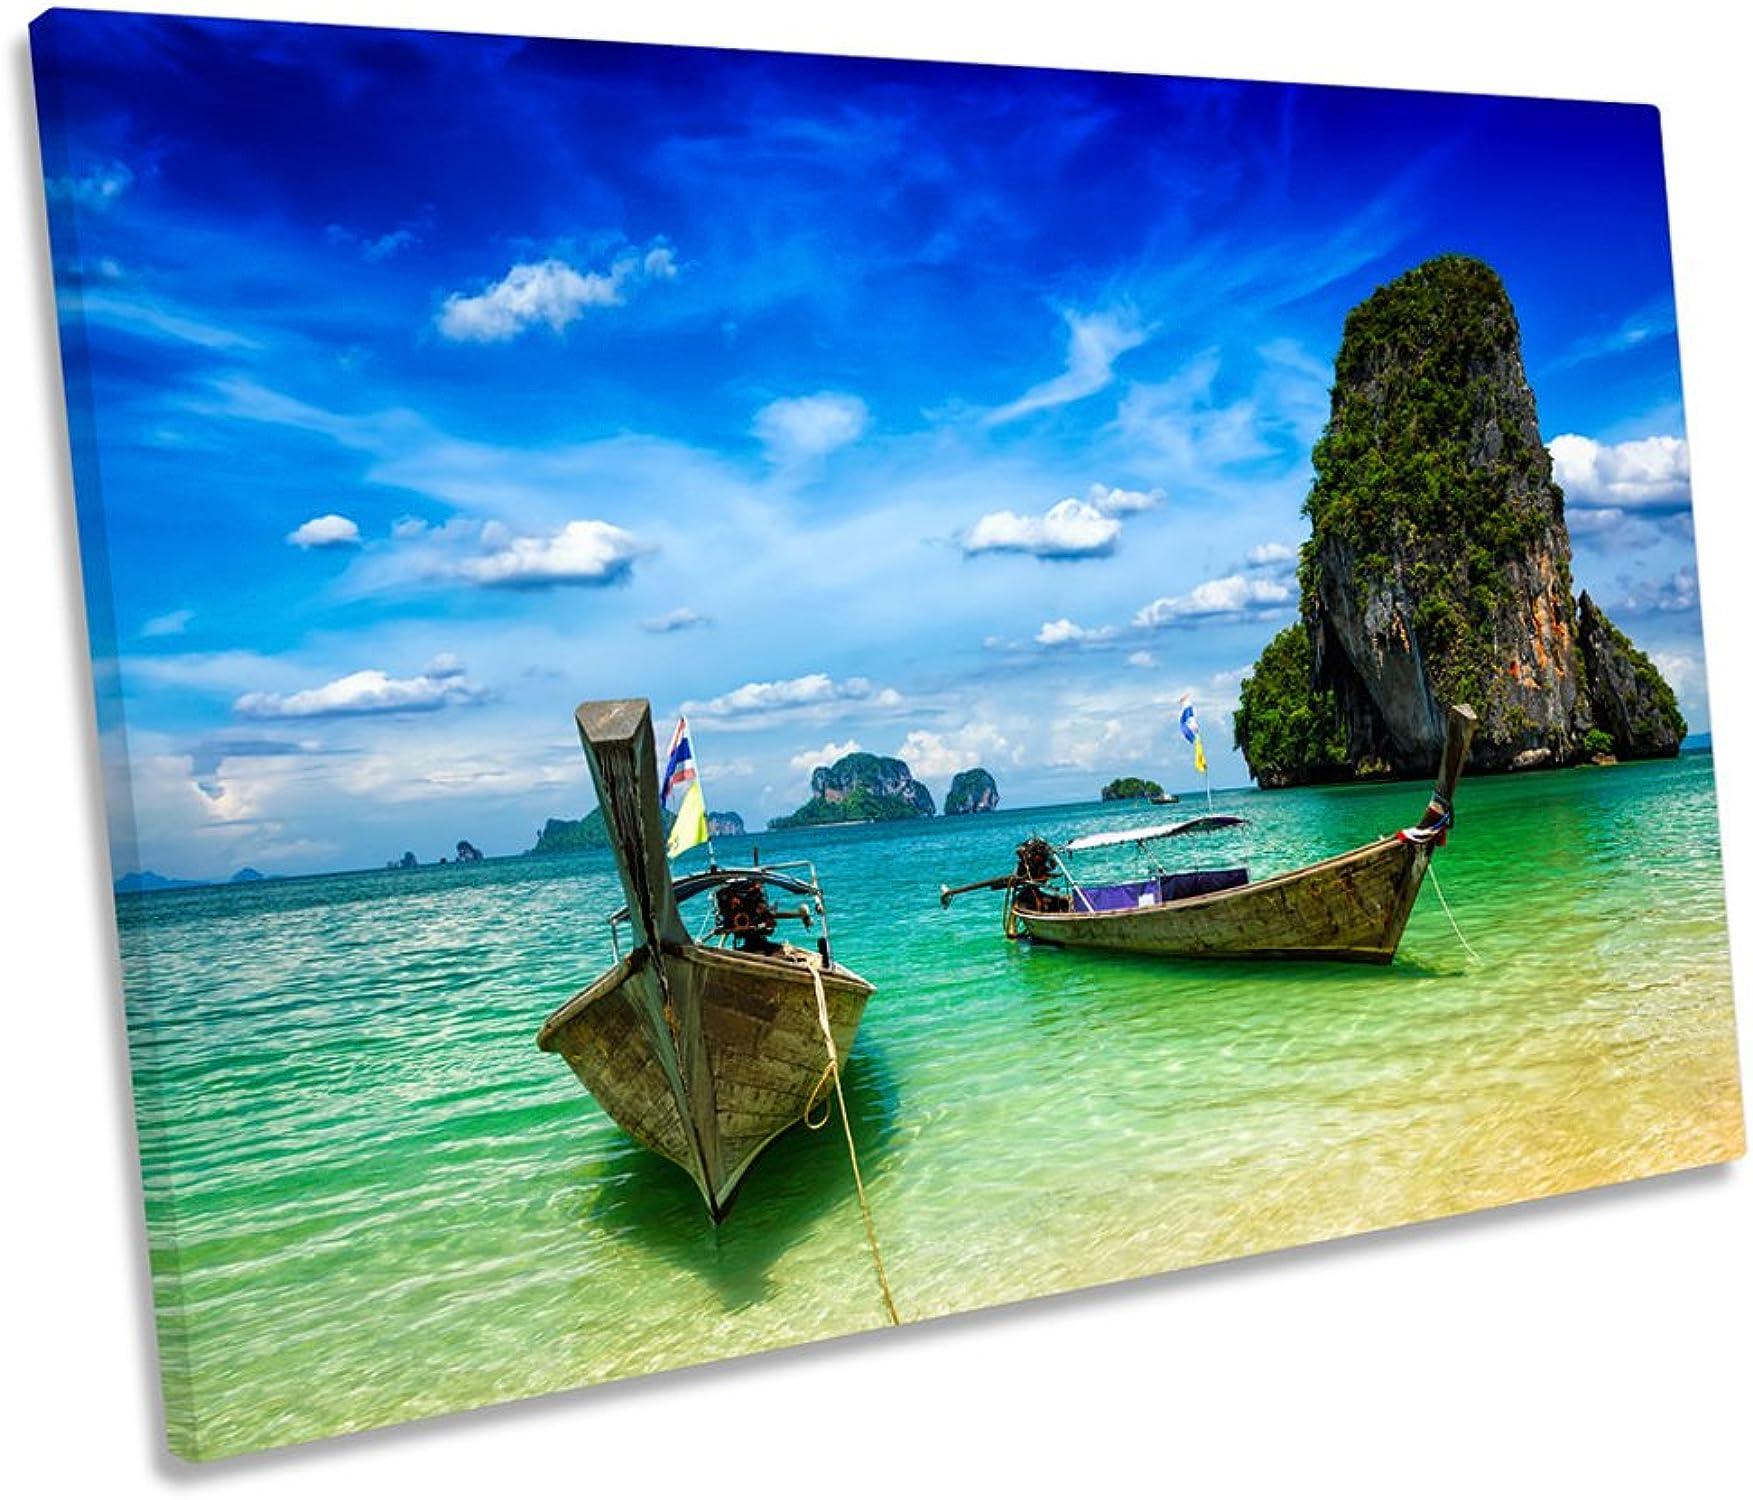 forma única Canvas Canvas Canvas Geeks Impresión de Lienzo con diseo de Playa de Tailandia Krabi Single, 60cm Wide x 40cm High  ahorra 50% -75% de descuento